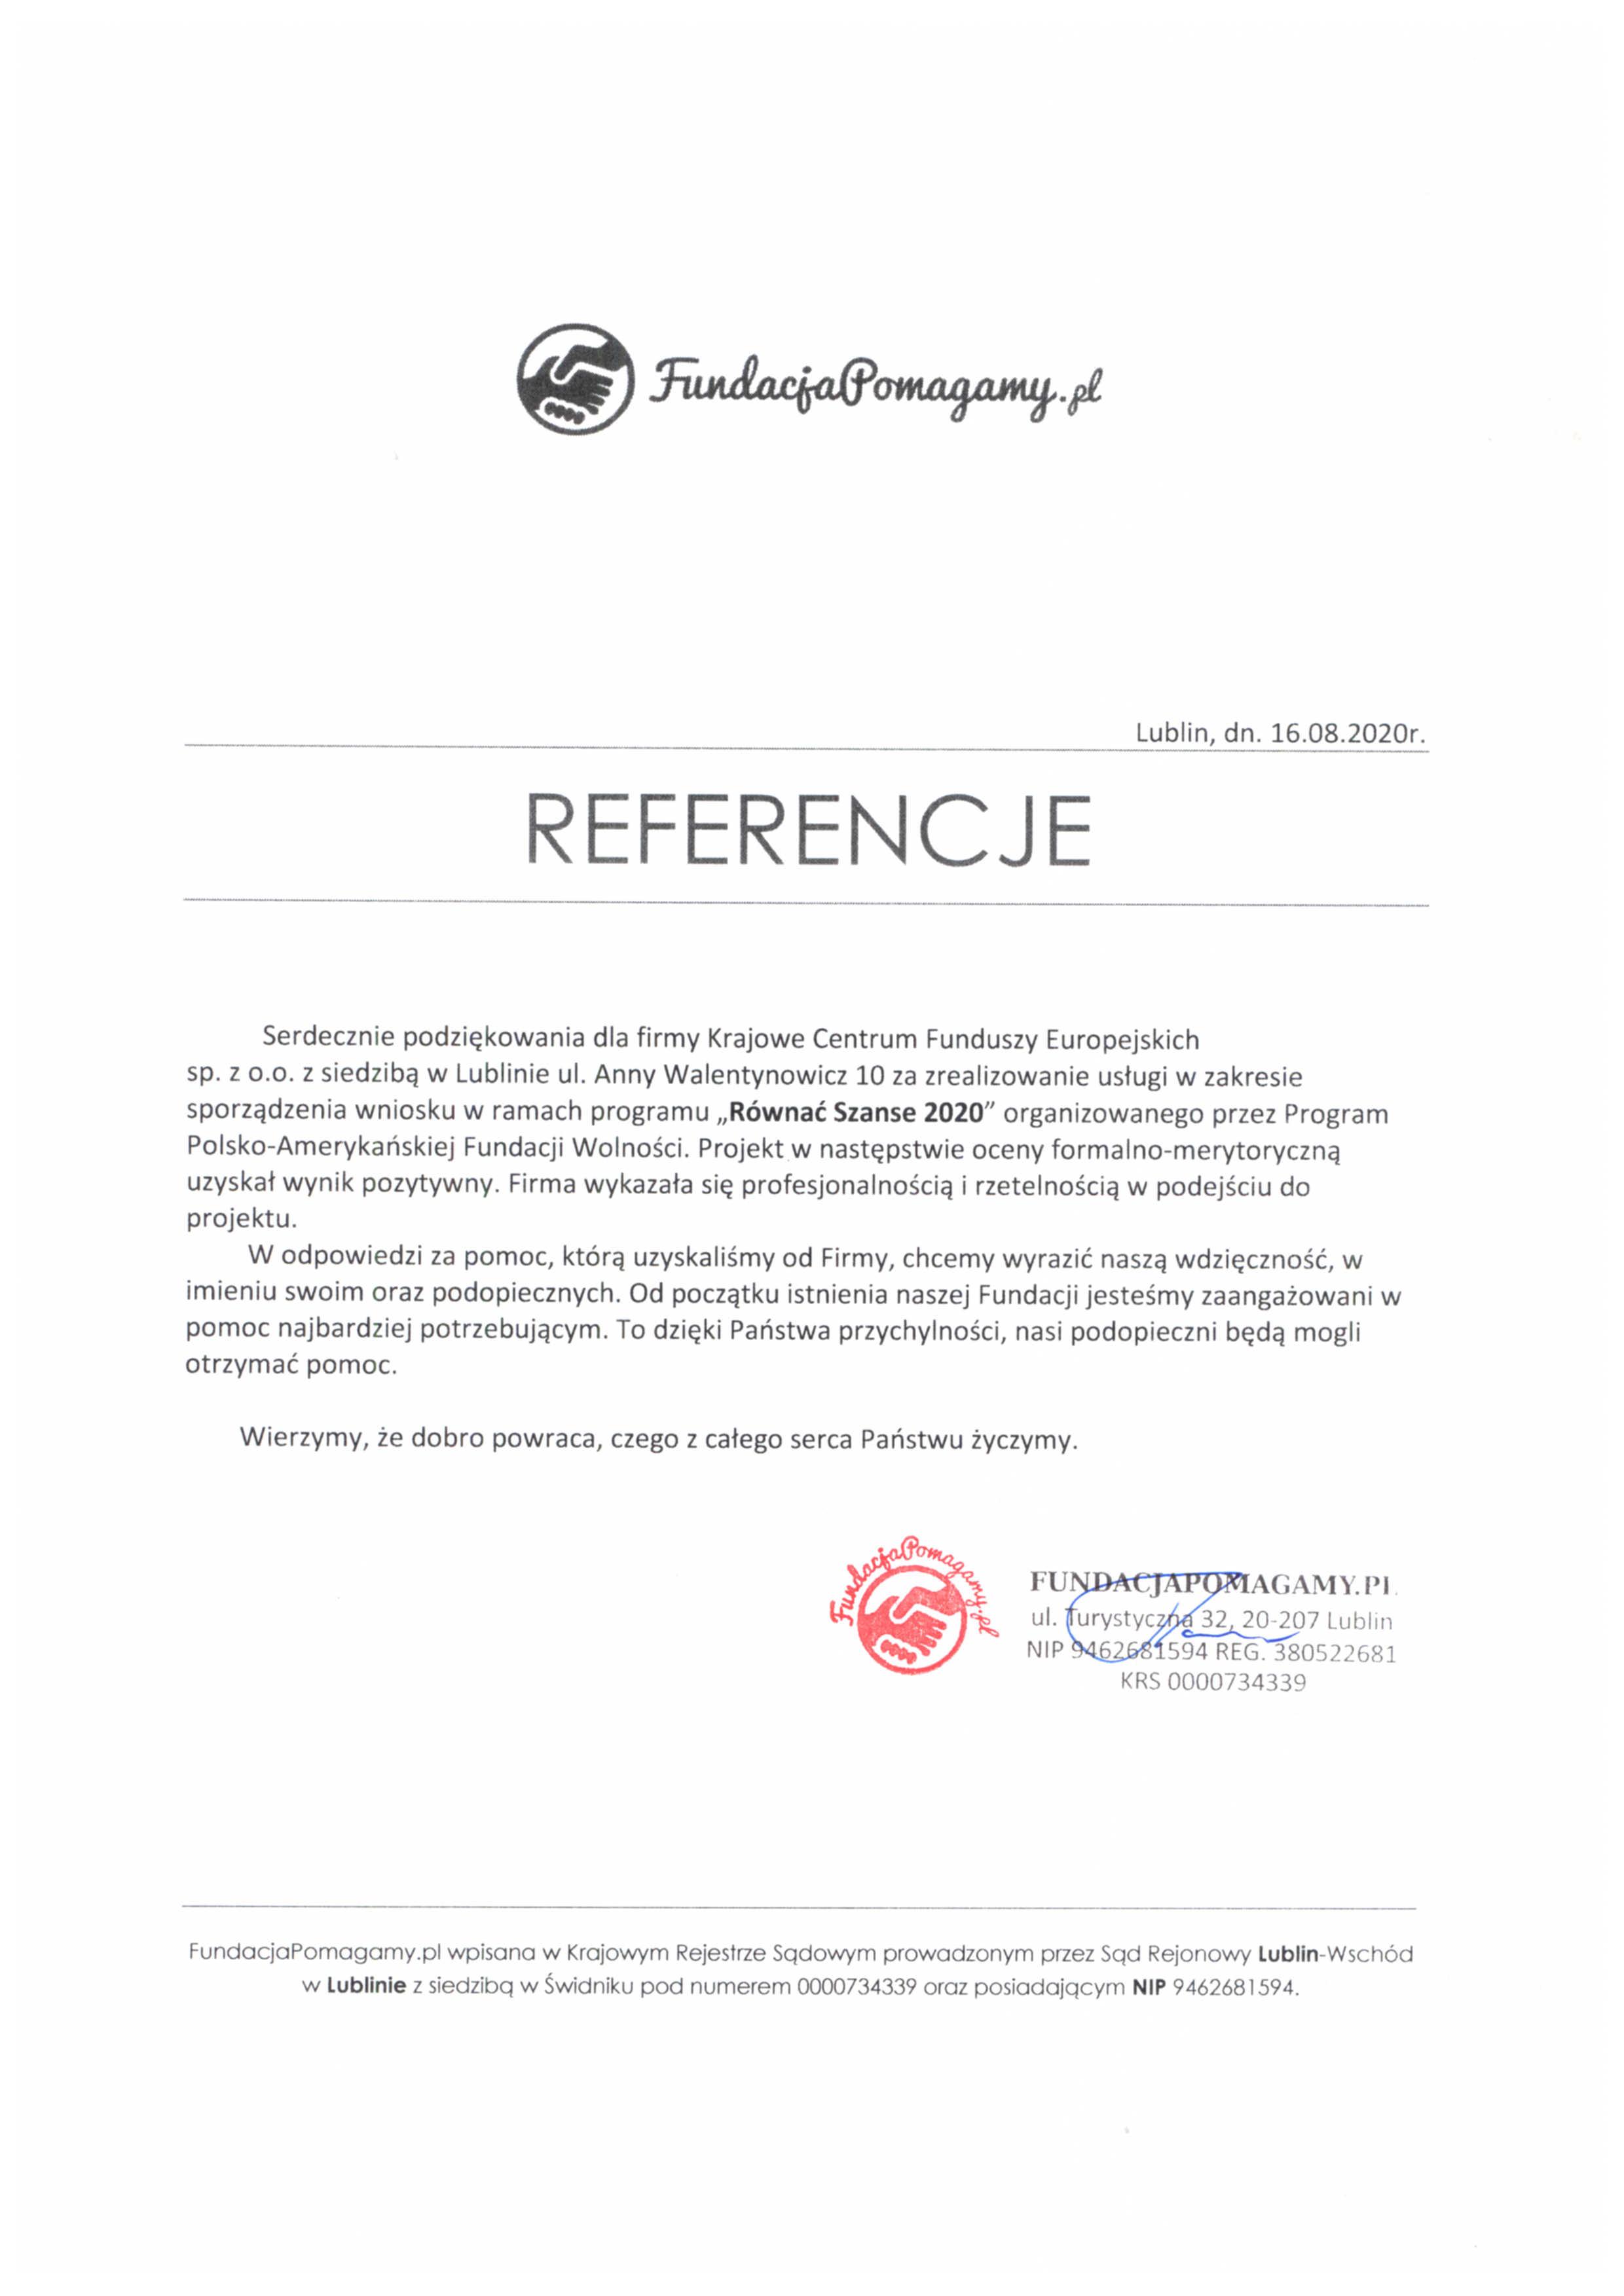 Referencje FundacjaPomagamy.pl 16.08.2020 - JPG